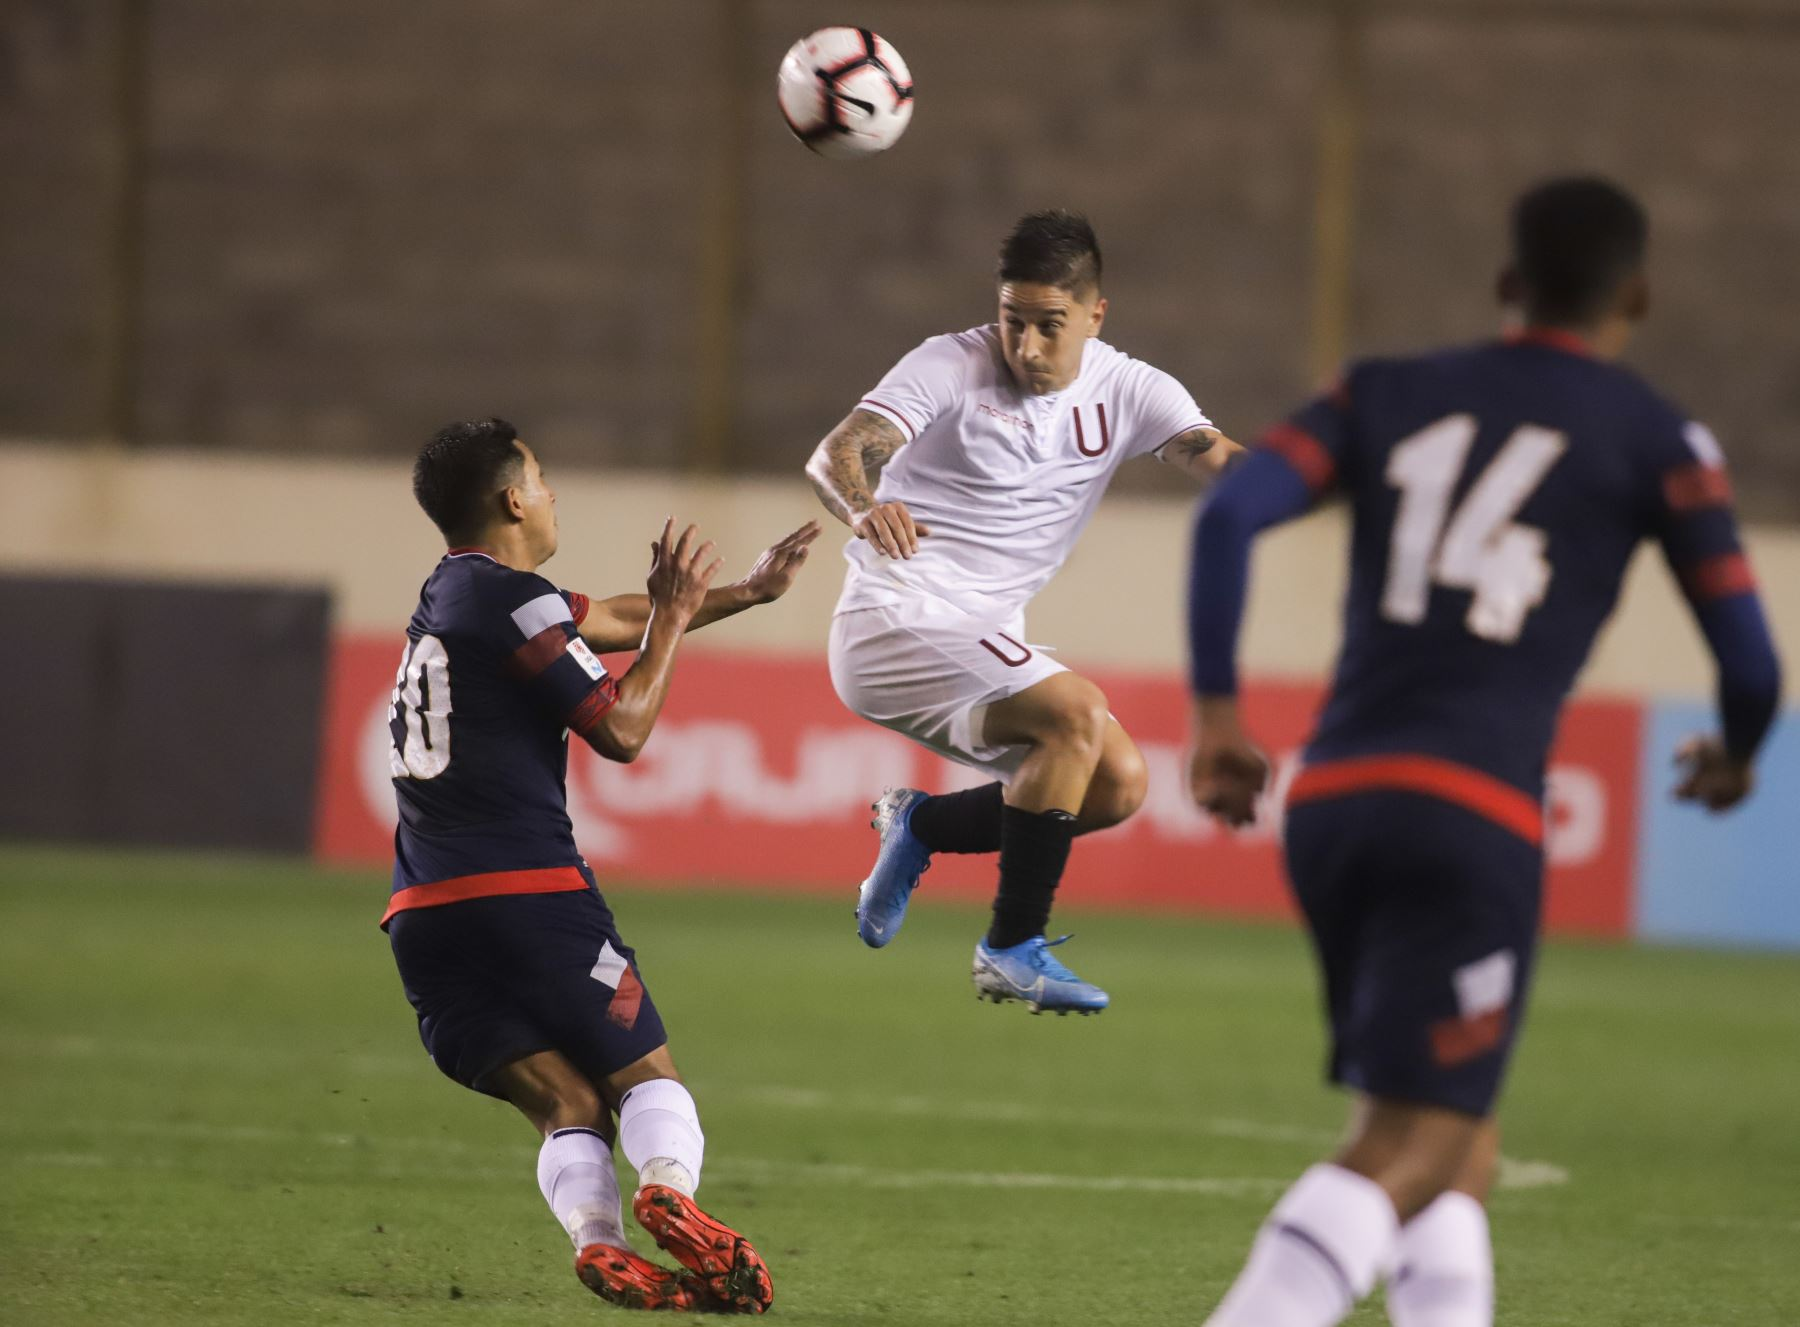 Alejando Hohberg, Partido entre Universitario vs. San Martín, empatan 0-0 en el estadio Monumental de Ate Foto: ANDINA/Jorge Tello